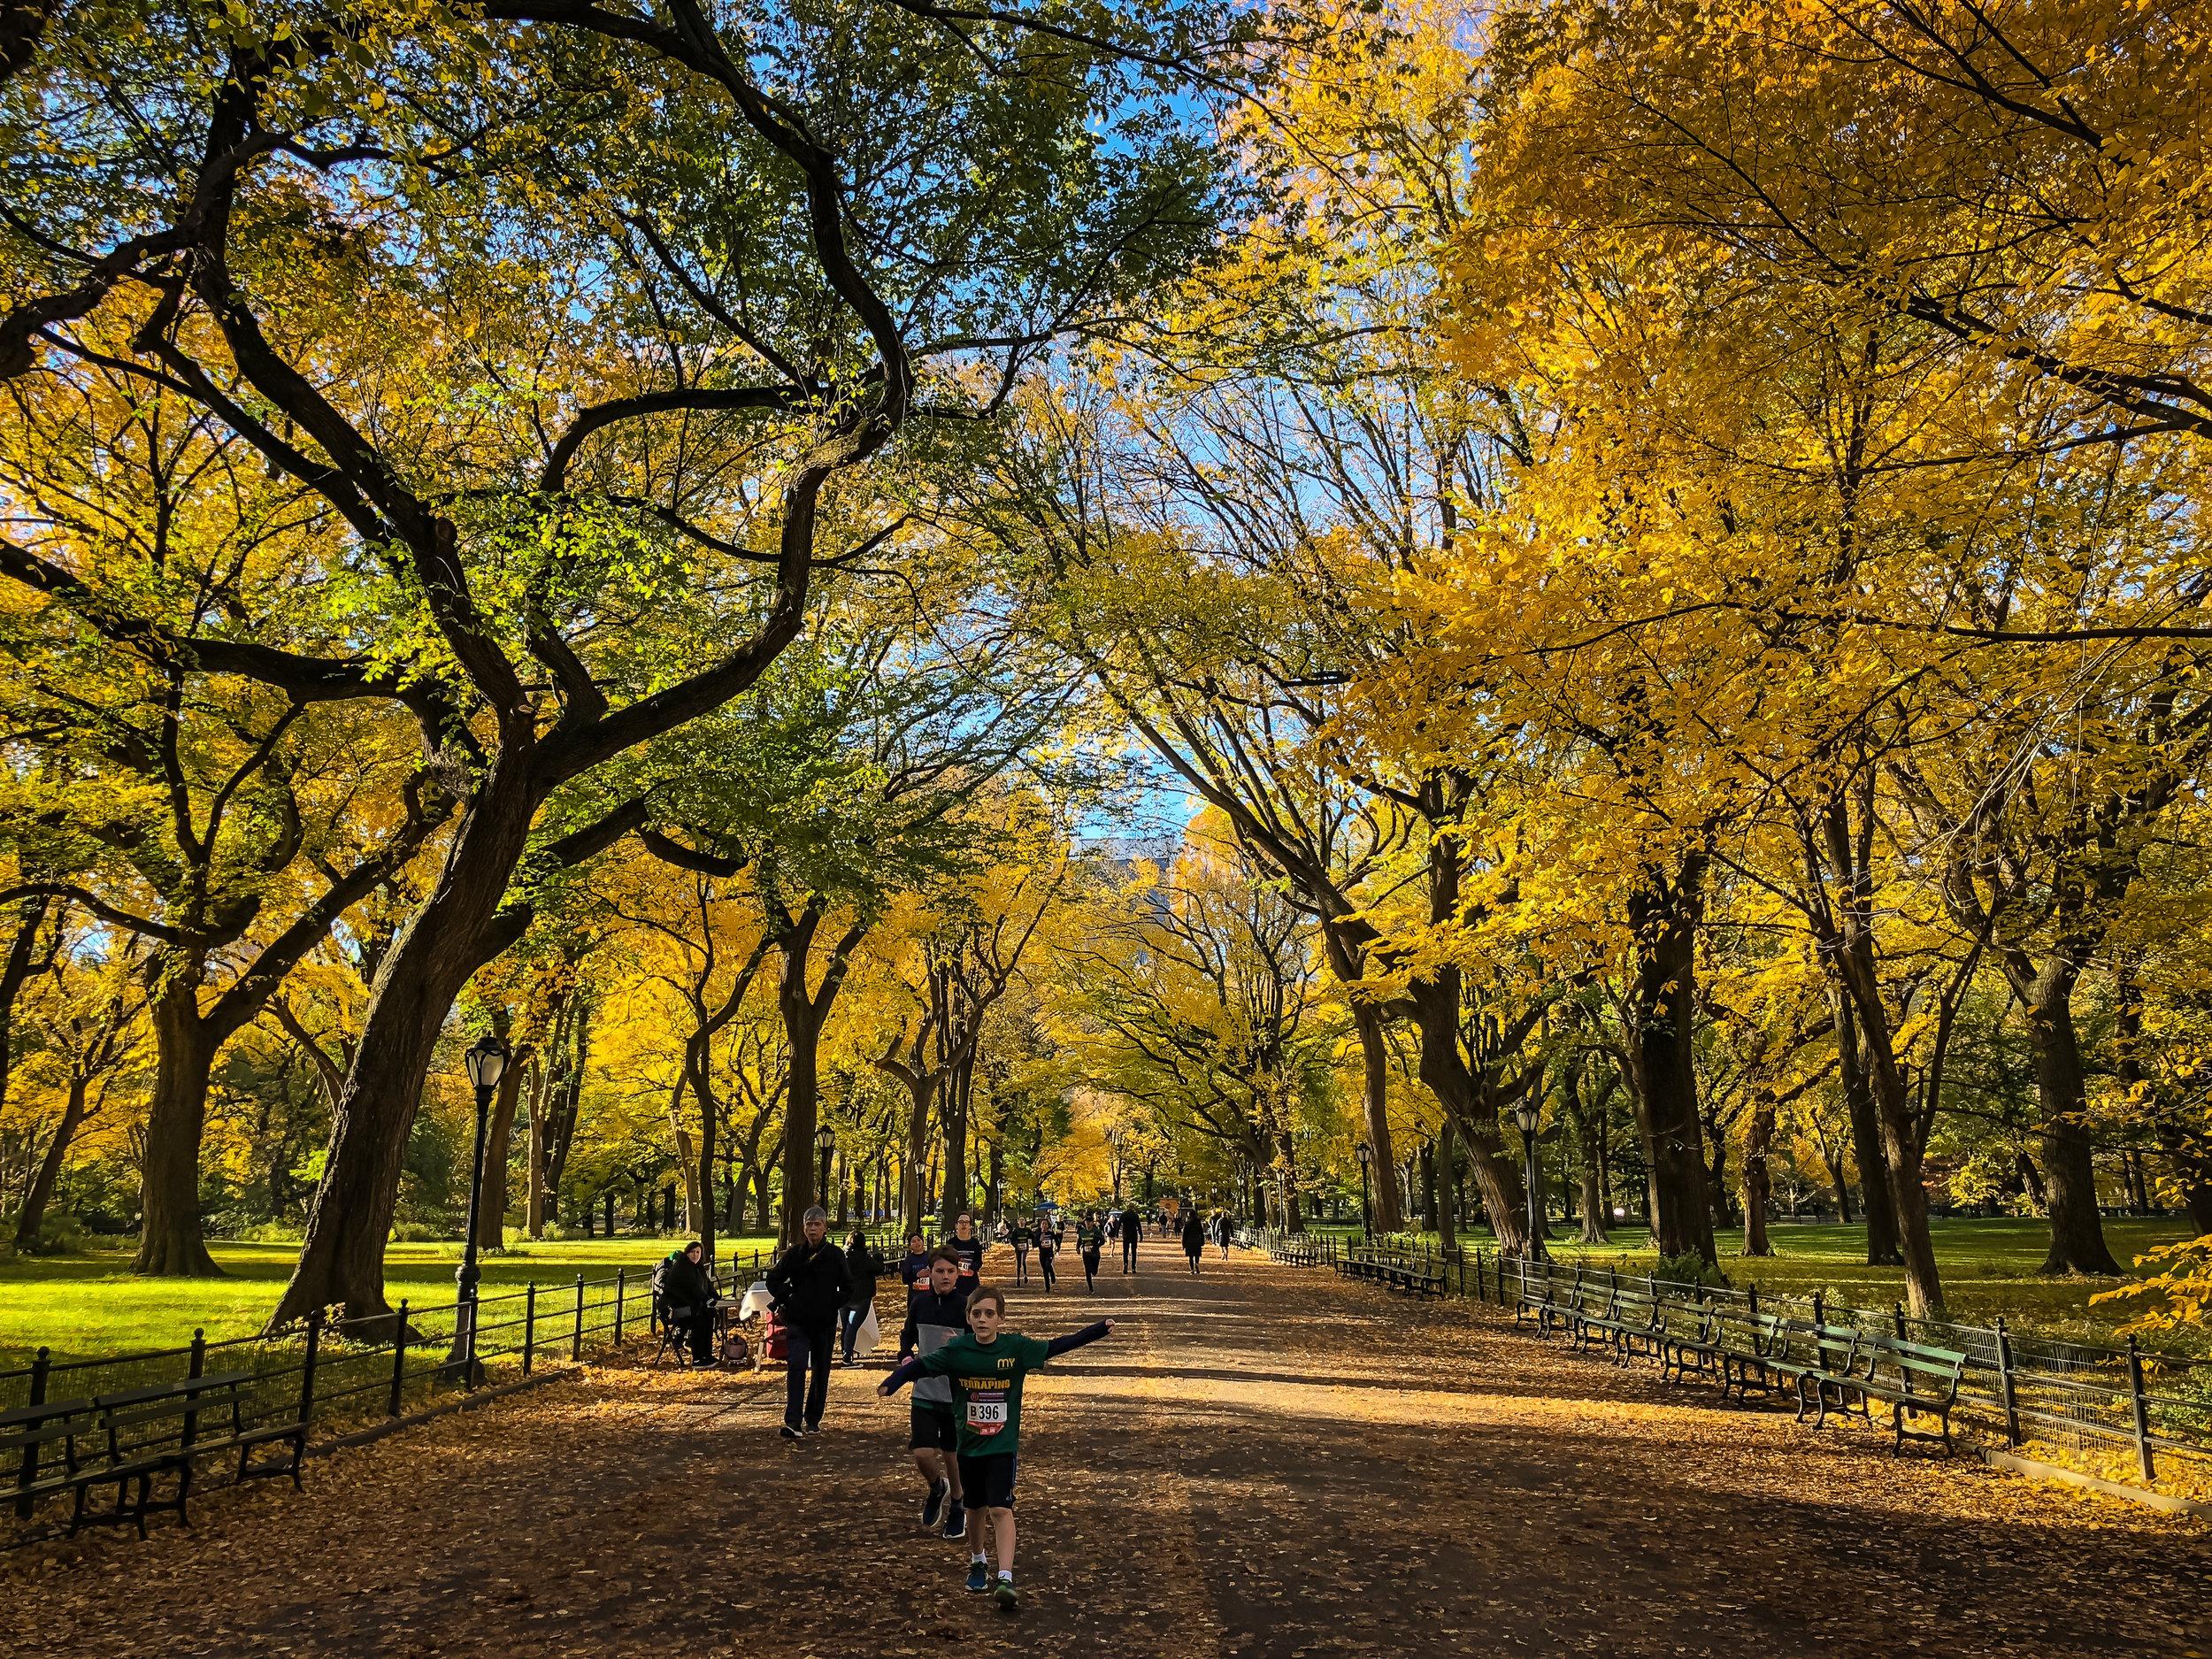 AUTUNNO A NEW YORK CITY: DOMENICA MATTINA, 4 NOVEMBRE 2018, CENTRAL PARK. FOTO:   @LUCAS COMPAN